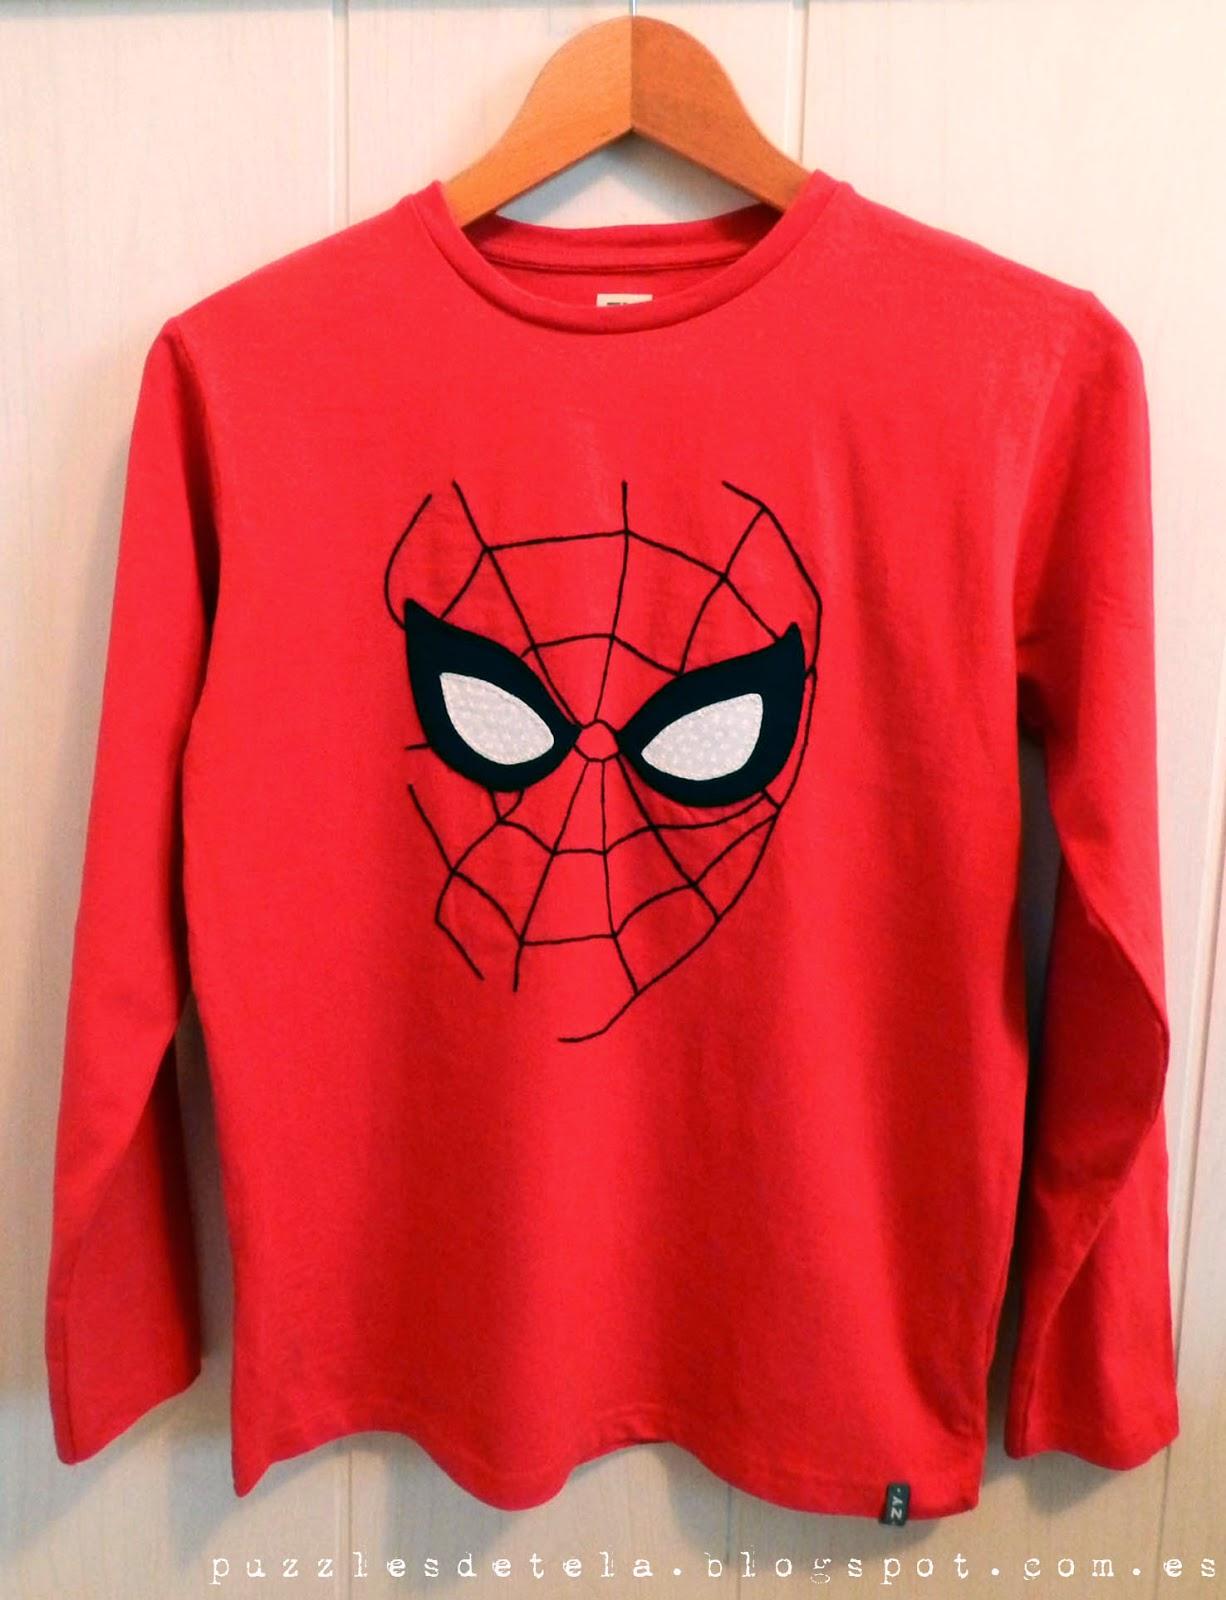 Salón del cómic, Salón del cómic Zaragoza, patchwork, Spiderman patchwork, camisetas patchwork, camisetas niño, ropa infantil, camiseta Spiderman, Spíderman, Camiseta Spiderman patchwork